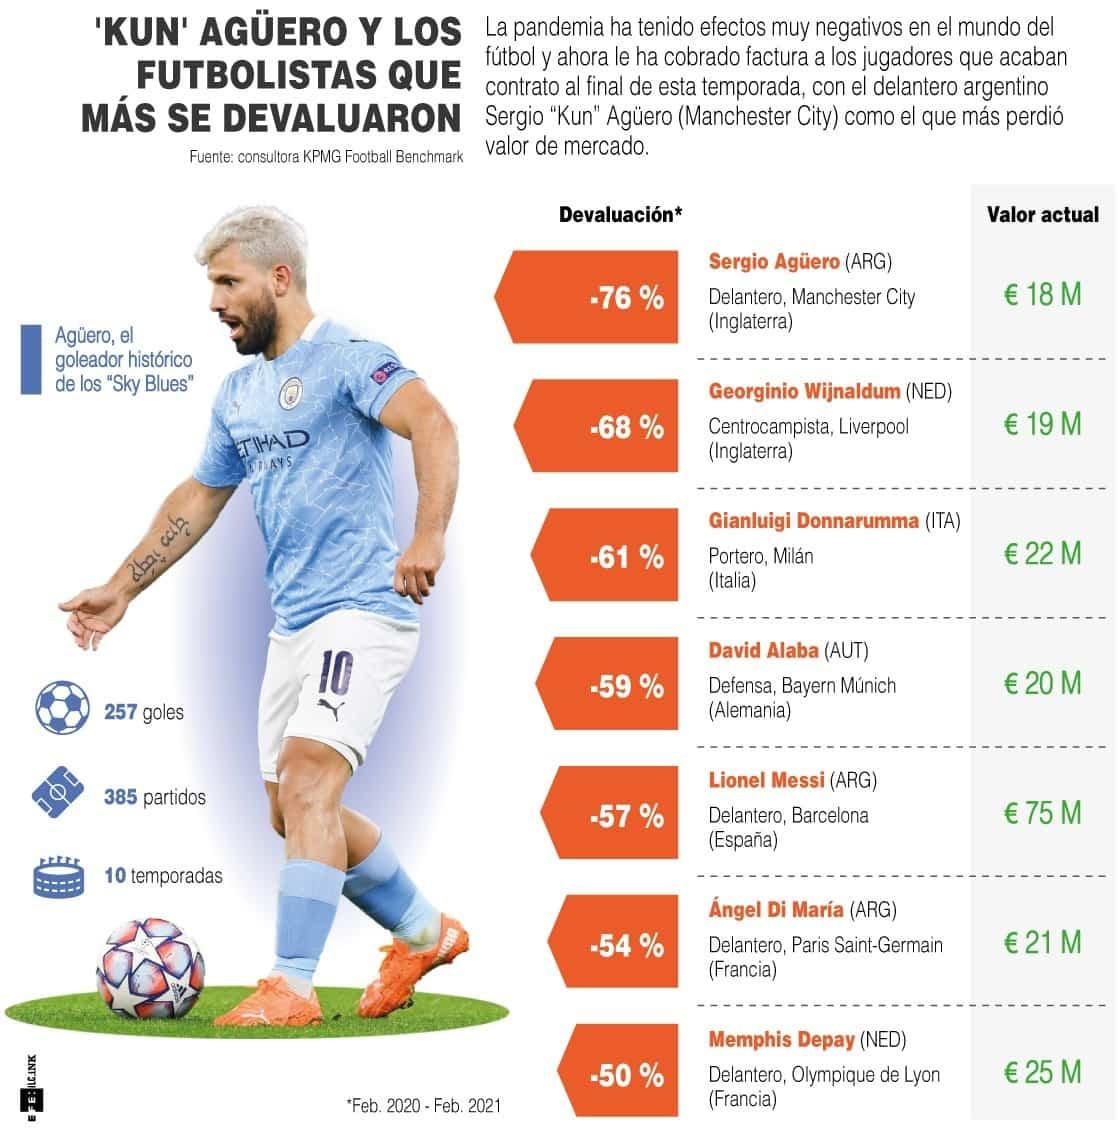 [Infografía] - 'Kun' Agüero y los futbolistas que más se devaluaron 1